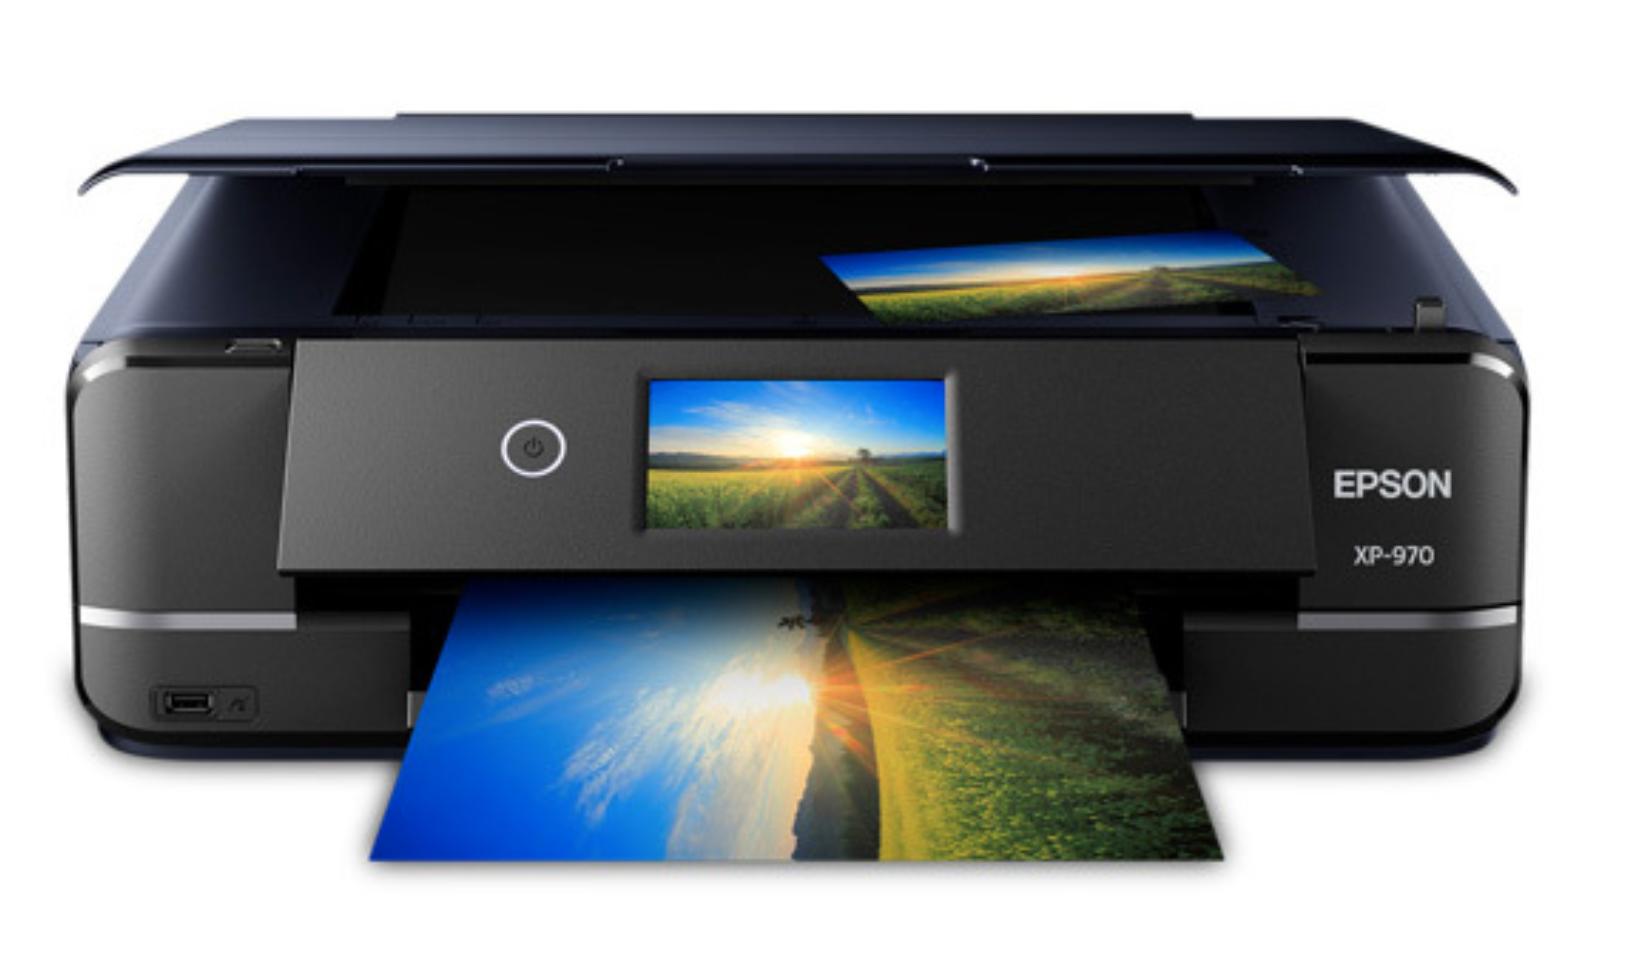 Epson Expression Premium XP-970 Photo Printer